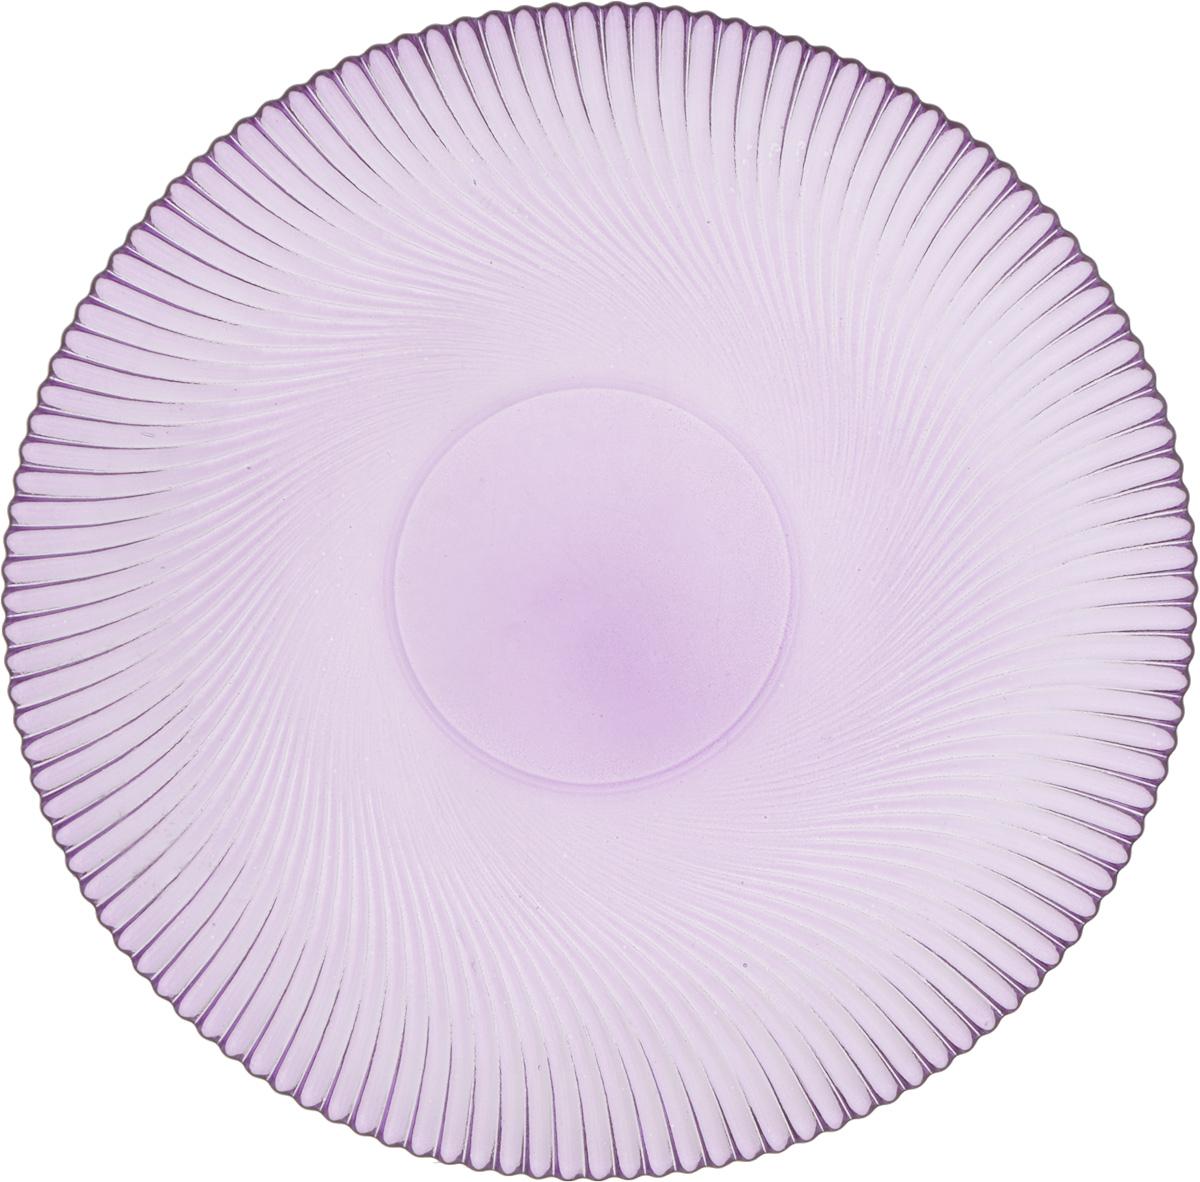 Тарелка NiNaGlass Альтера, цвет: сиреневый, диаметр 26 см83-067-Ф260 СИРТарелка NiNaGlass Альтера выполнена из высококачественного стекла и имеет рельефную поверхность. Она прекрасно впишется в интерьер вашей кухни и станет достойным дополнением к кухонному инвентарю.Не рекомендуется использовать в микроволновой печи и мыть в посудомоечной машине.